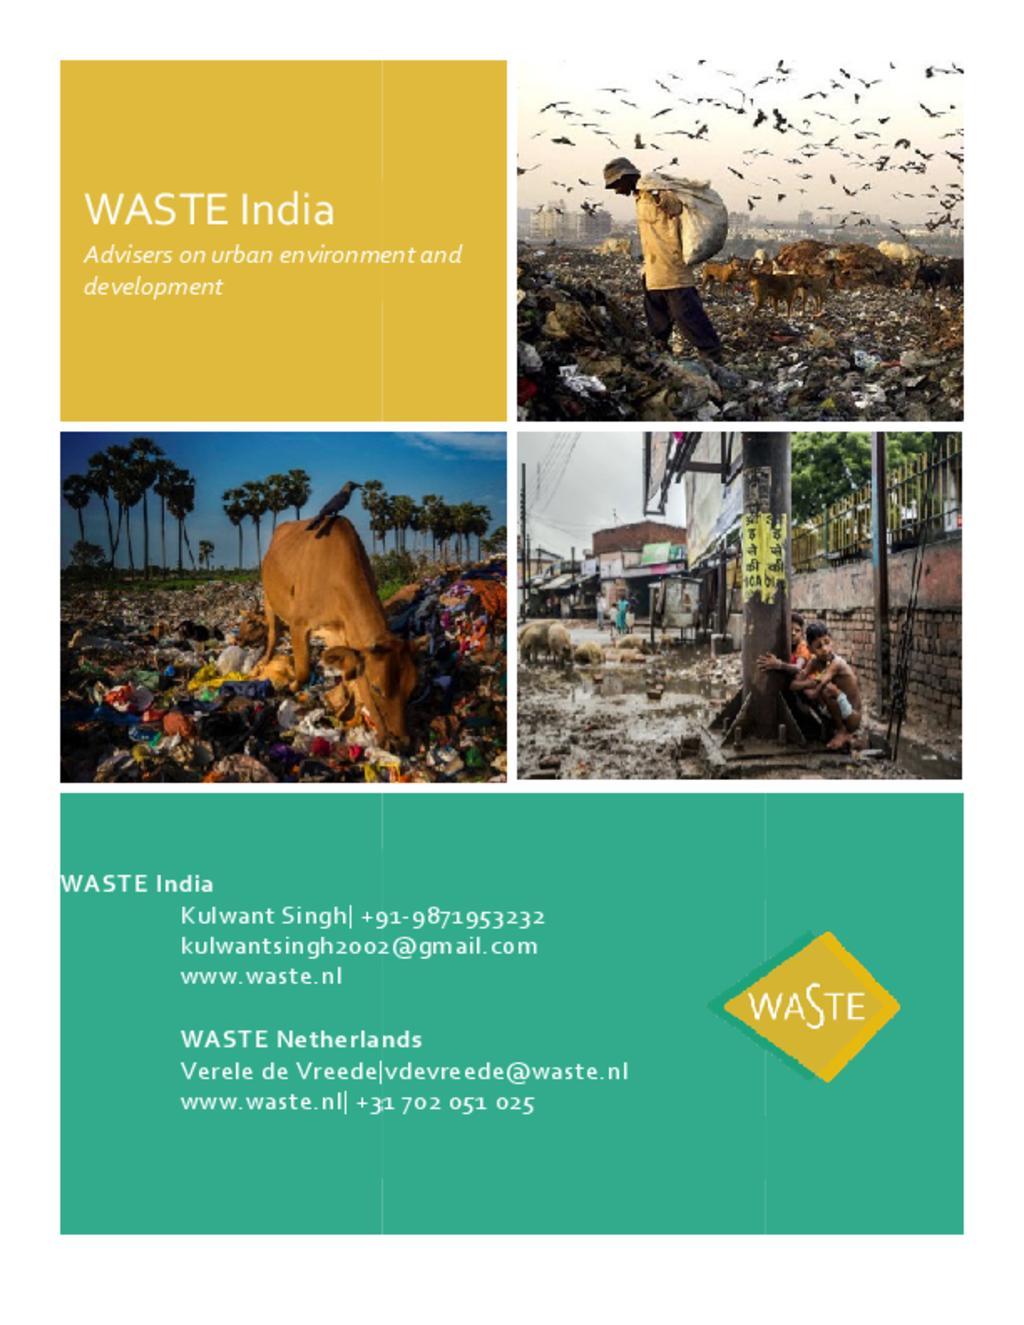 WASTE India